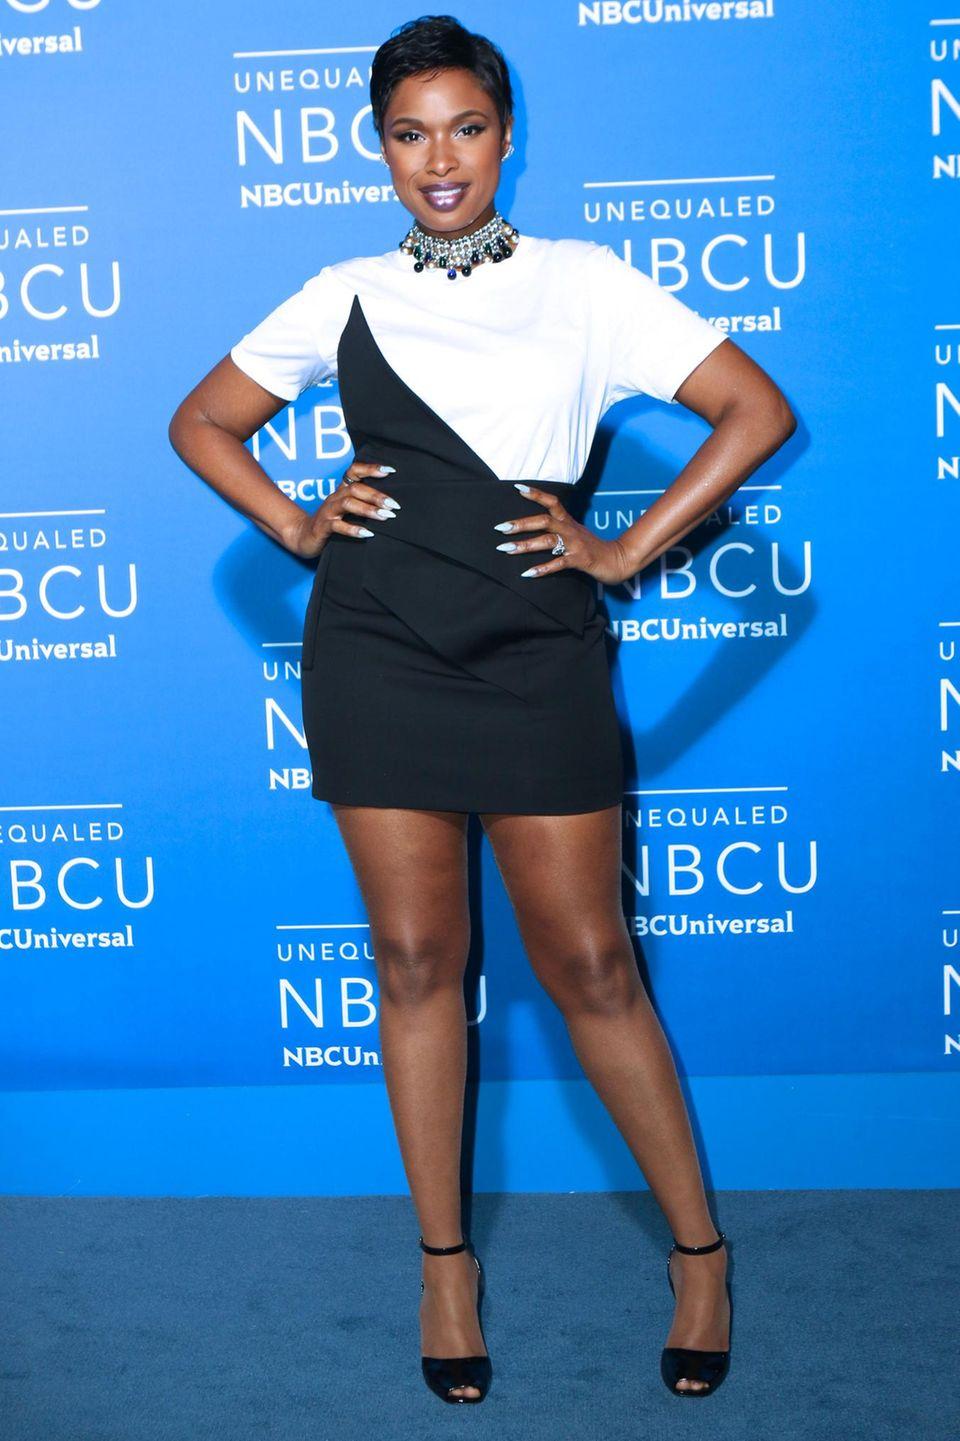 Jennifer Hudson hat danebengegriffen: Ihr Minikleid ist zu kurz, ihr Oberteil sieht aus wie ein simples T-Shirt.